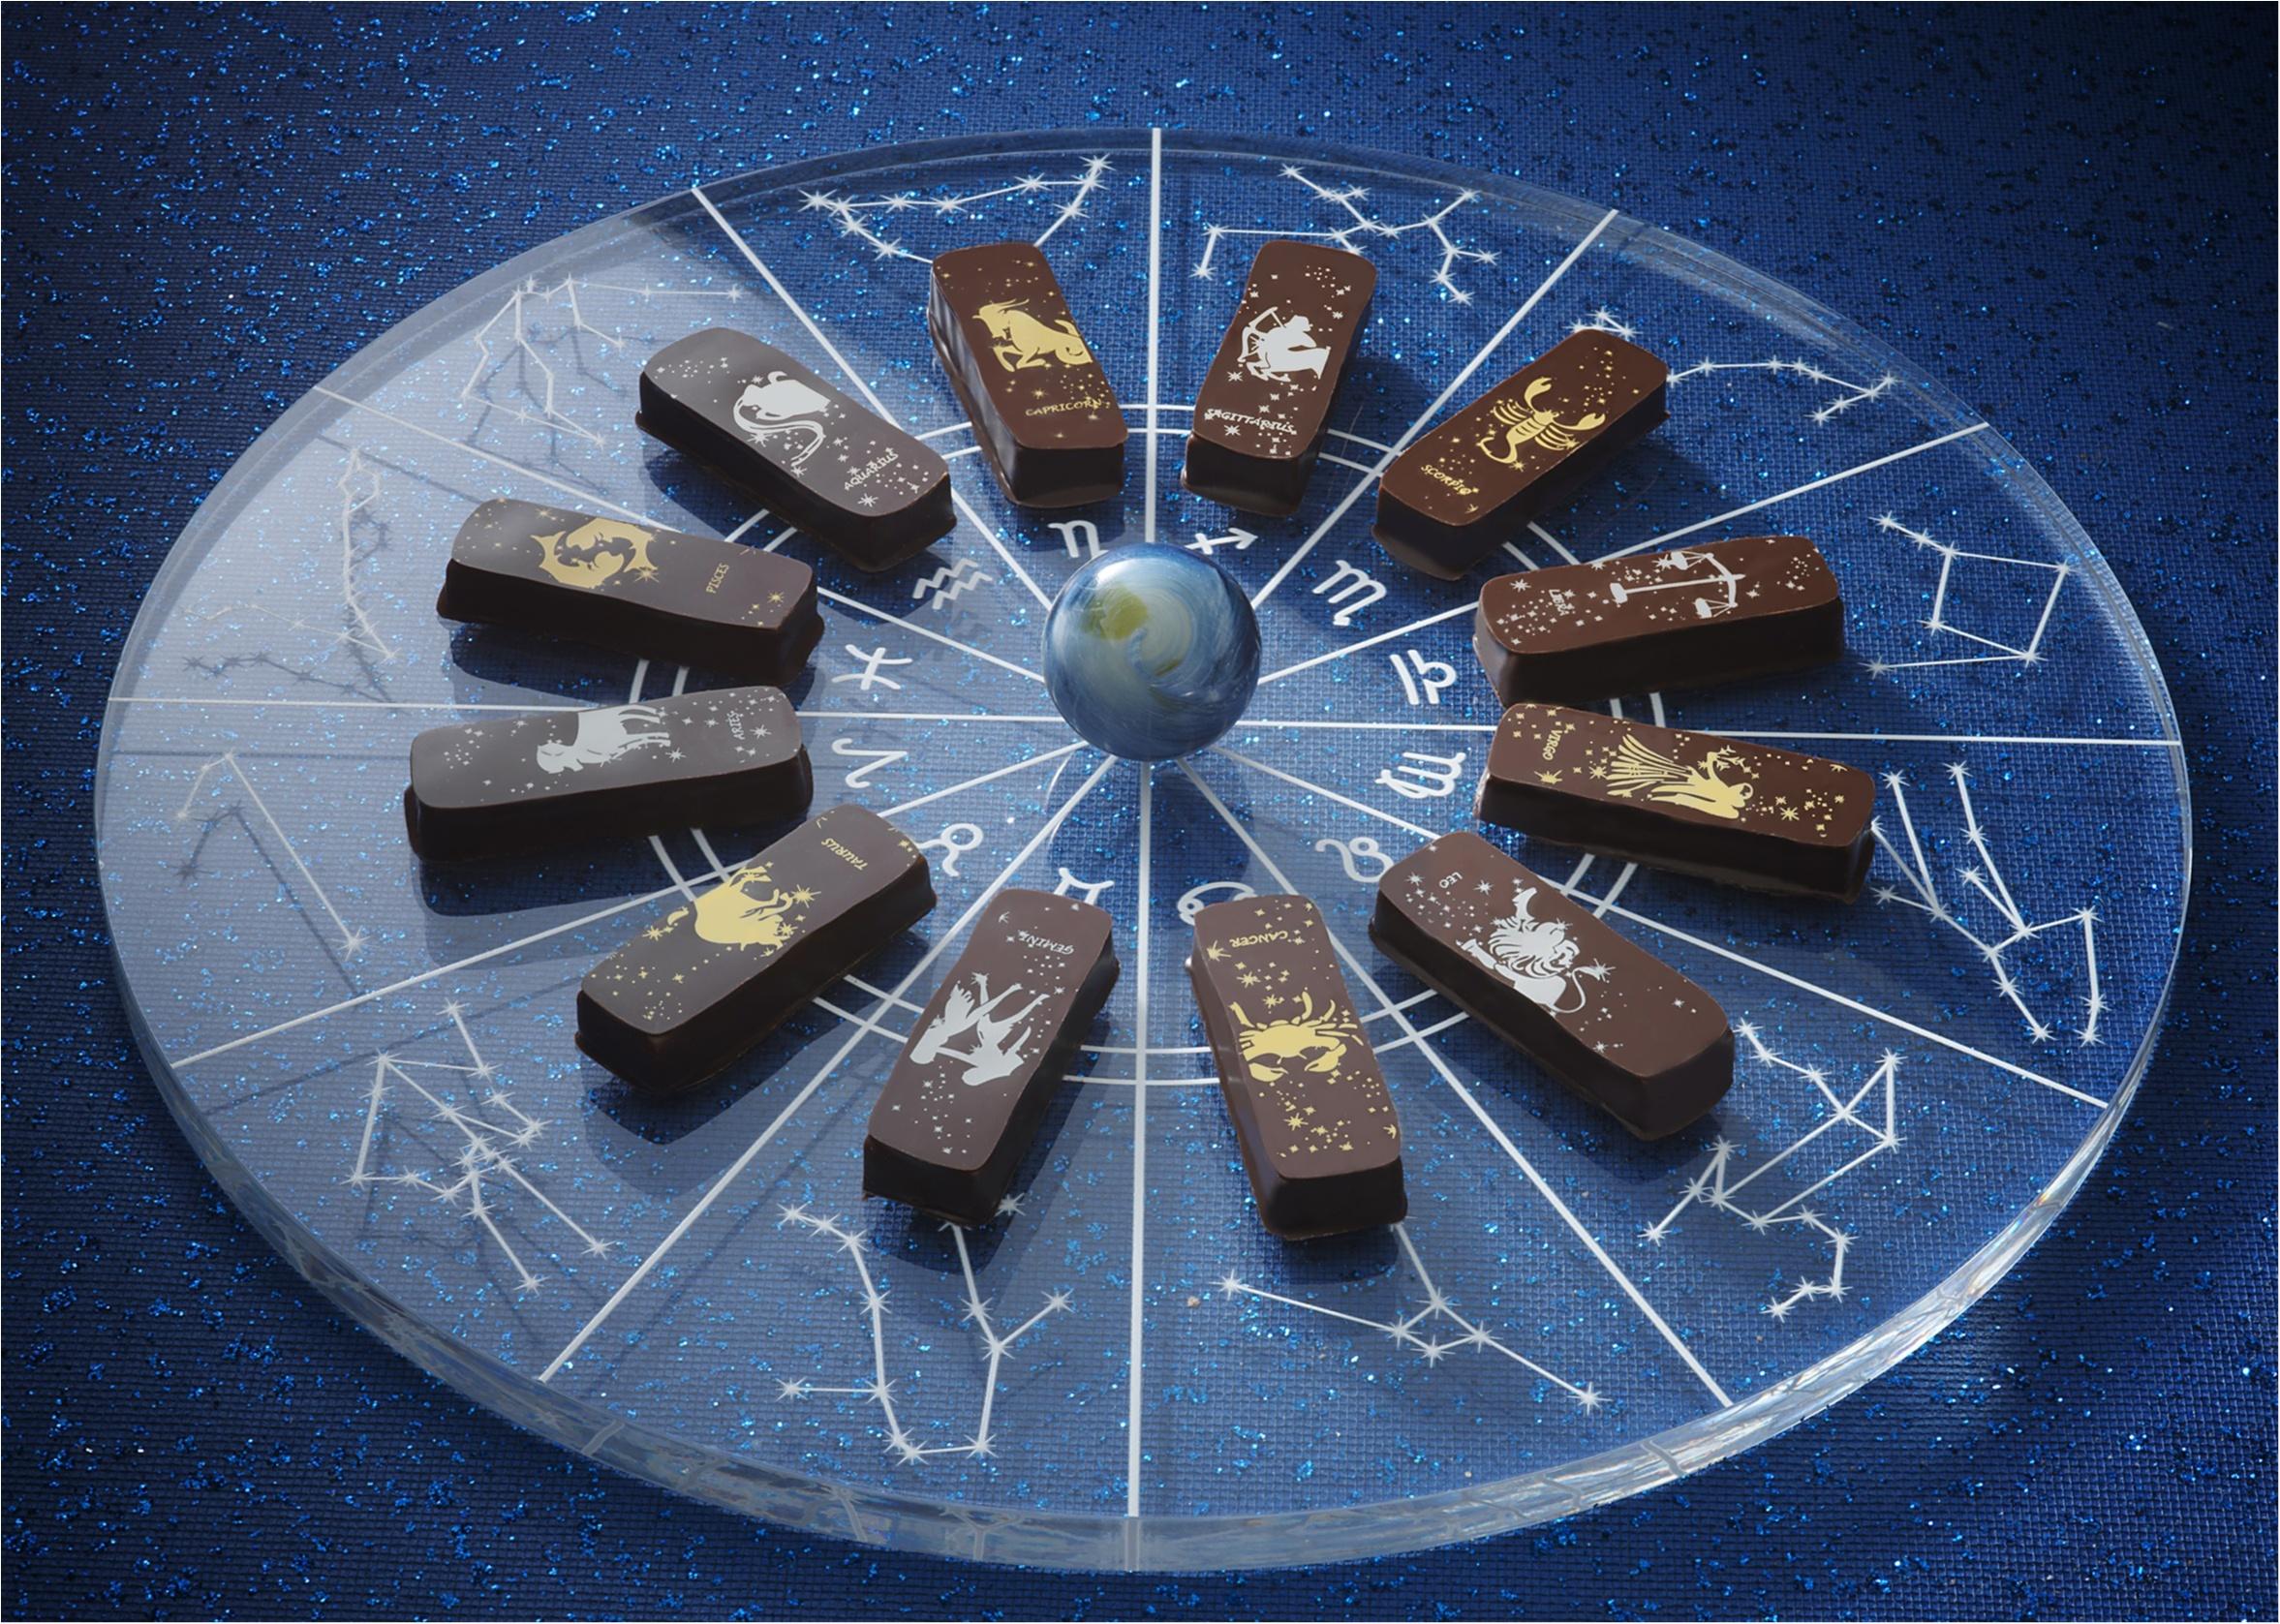 星座モチーフがとびきりロマンティック♡ 『リーガロイヤルホテル大阪』のショコラは、まるでプラネタリウム!_2